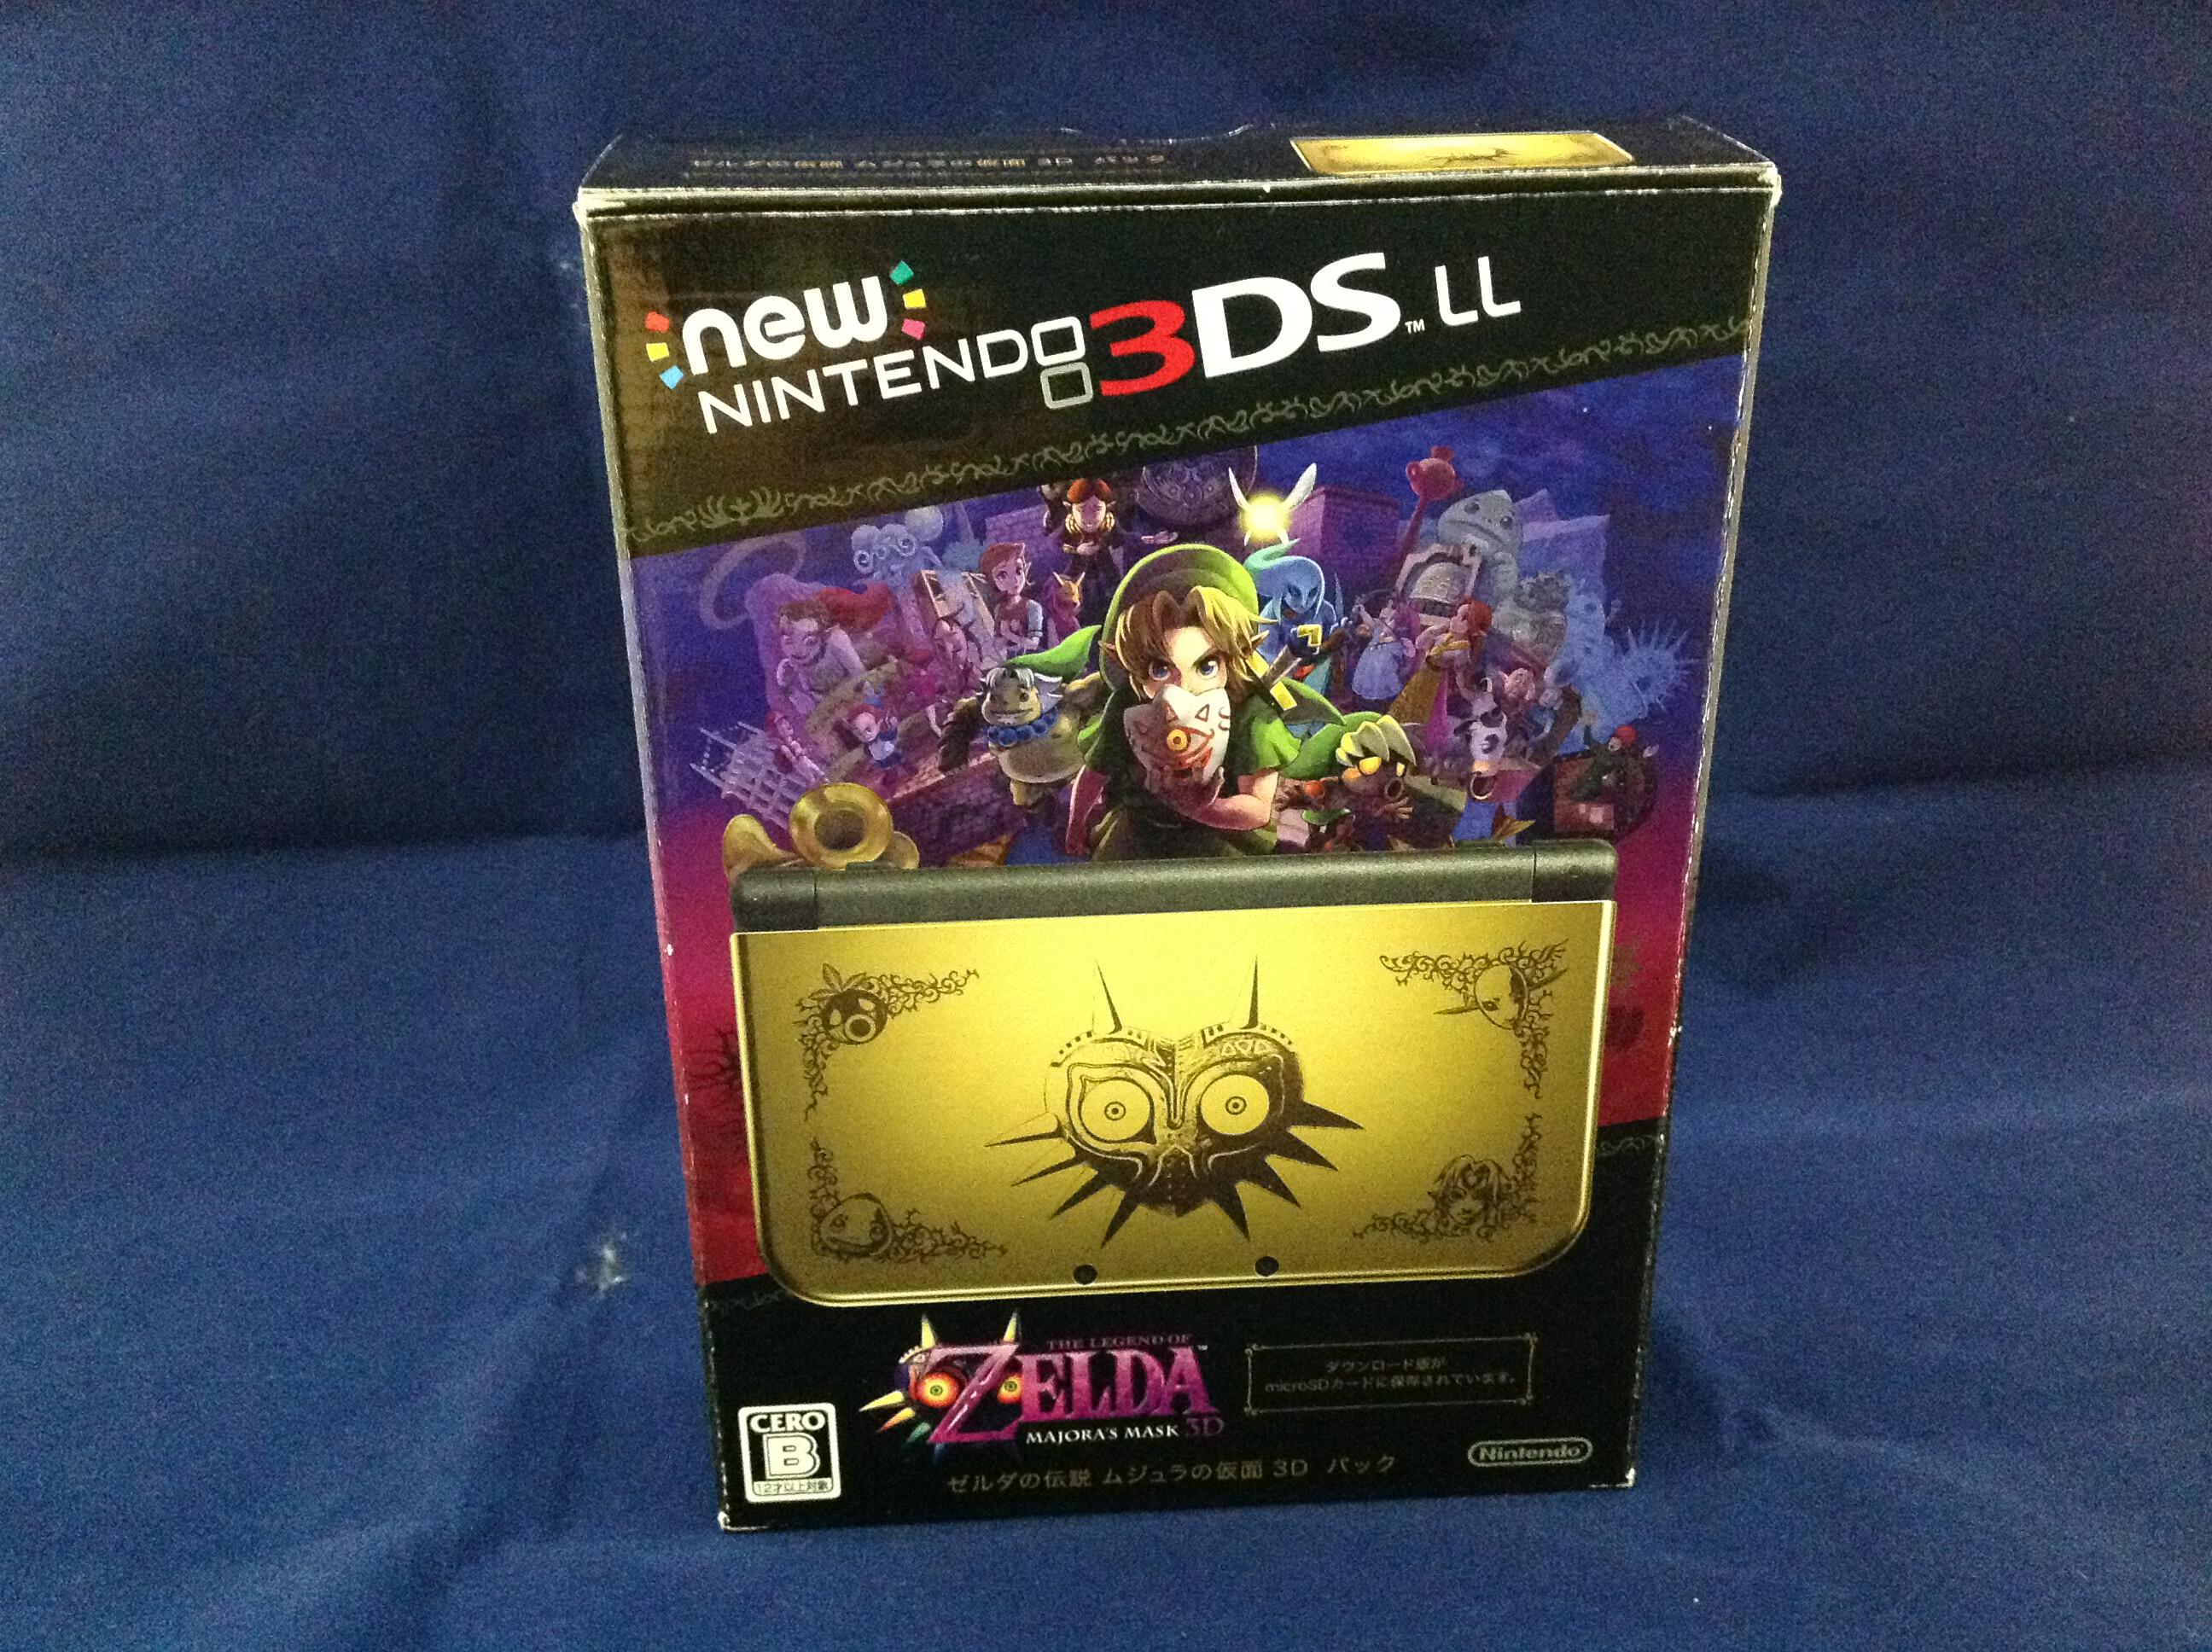 Newニンテンドー3DS LL ゼルダの伝説 ムジュラの仮面 3D パック、買取いたしました。お持込ありがとうございます。